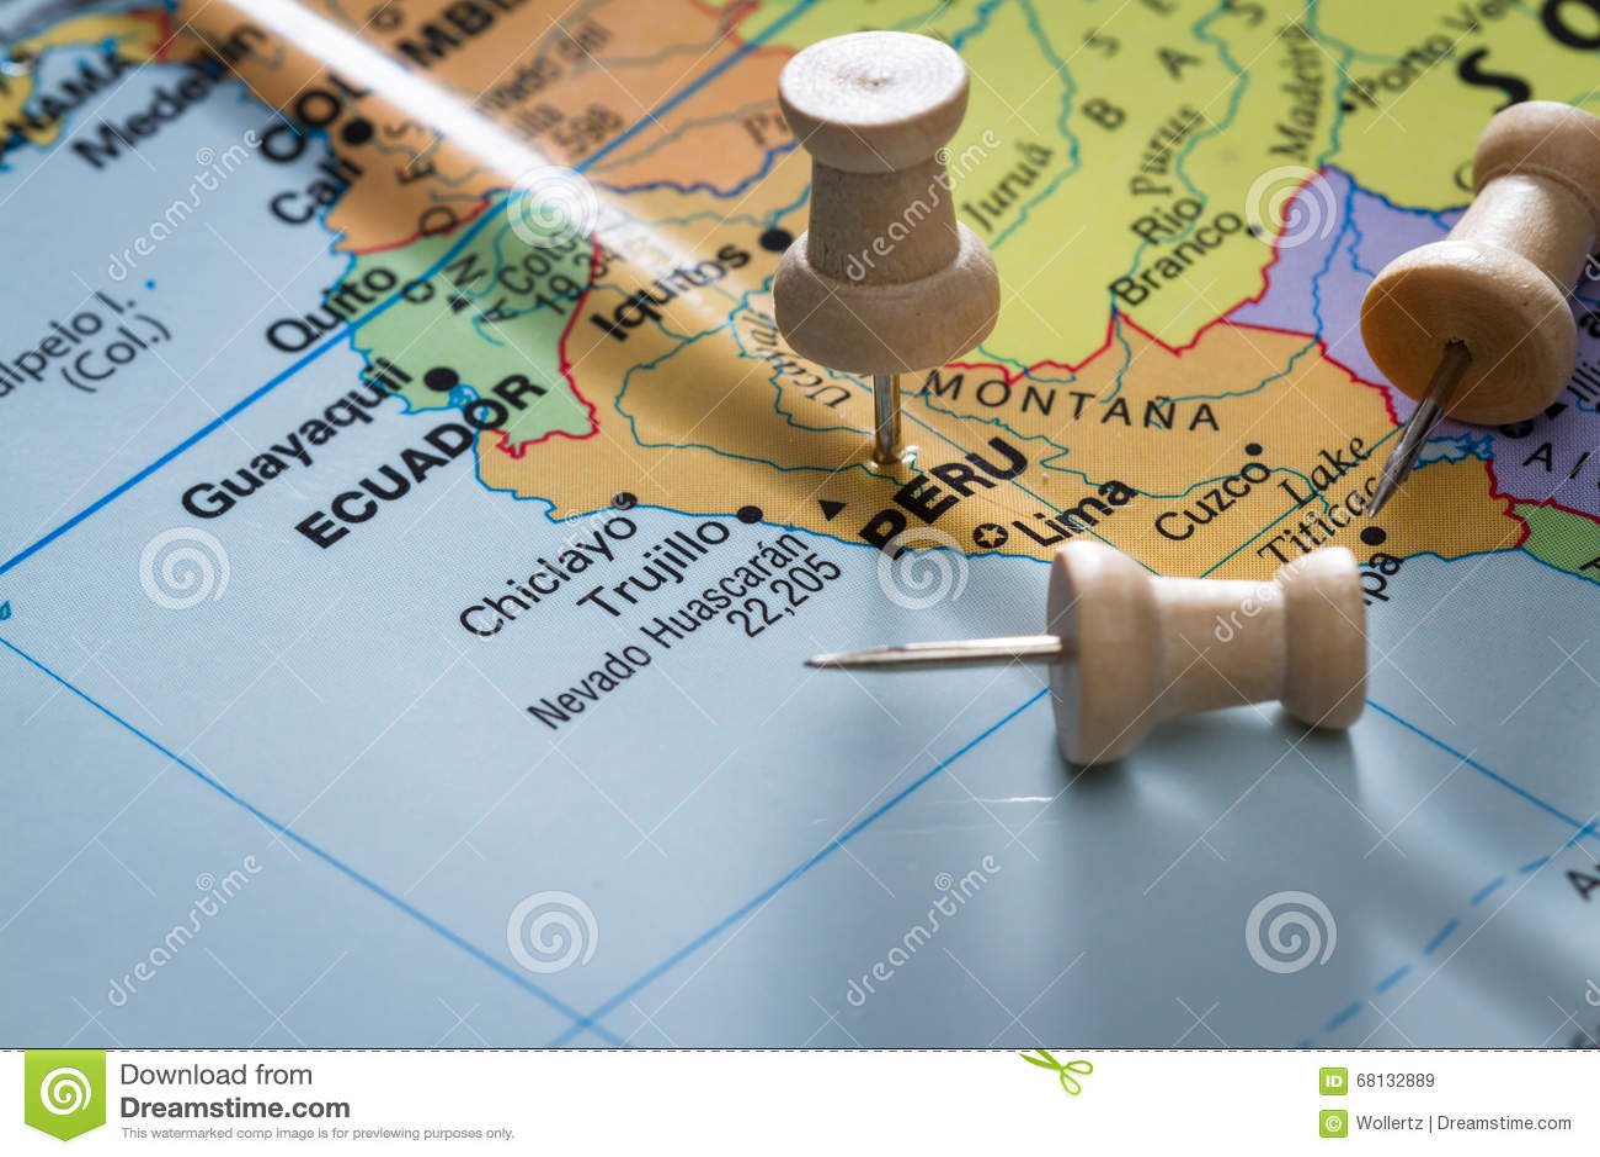 Peru markierte auf einer Karte